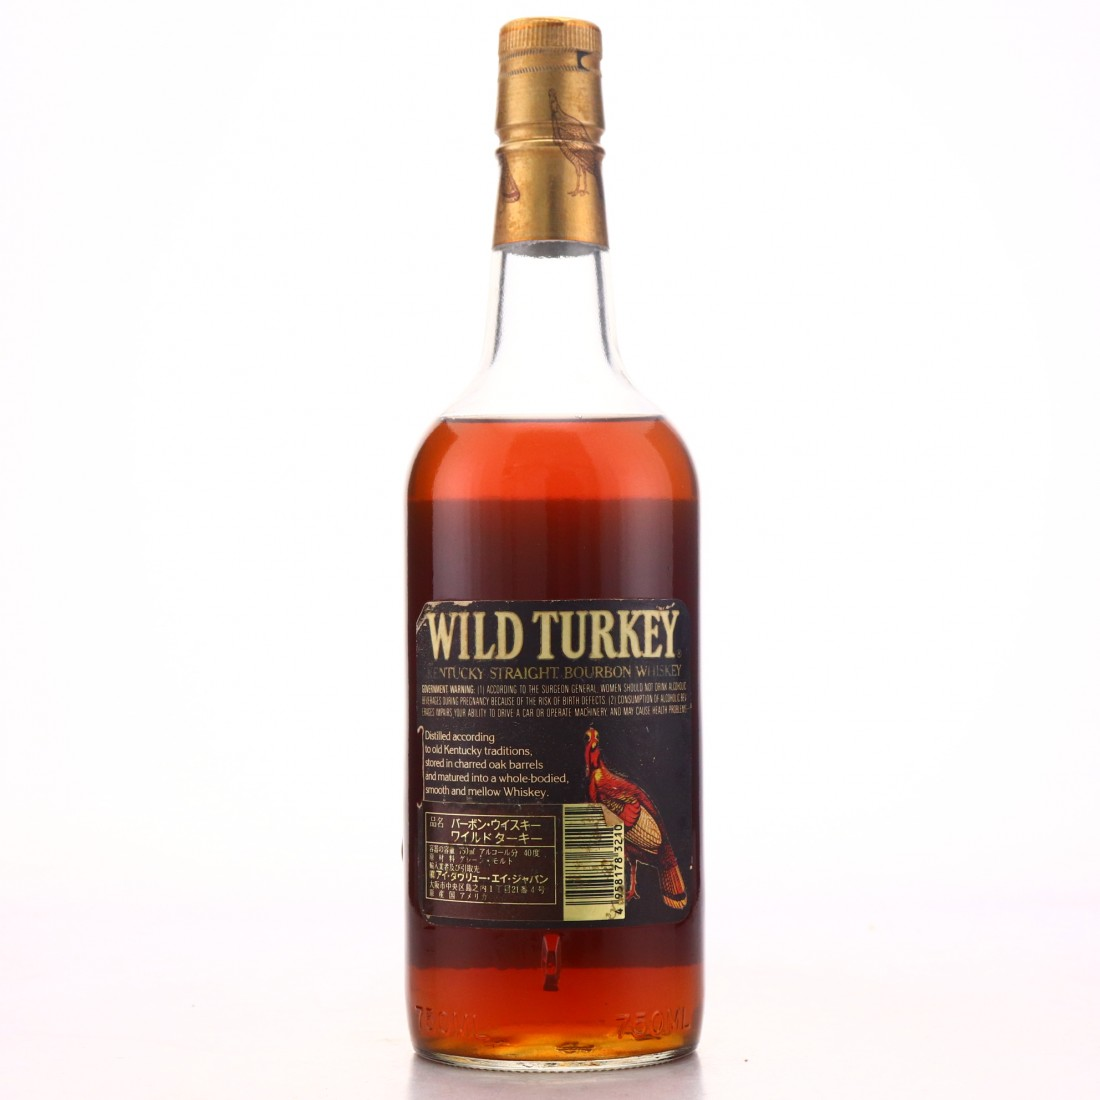 Wild Turkey Kentucky Straight Bourbon 1990